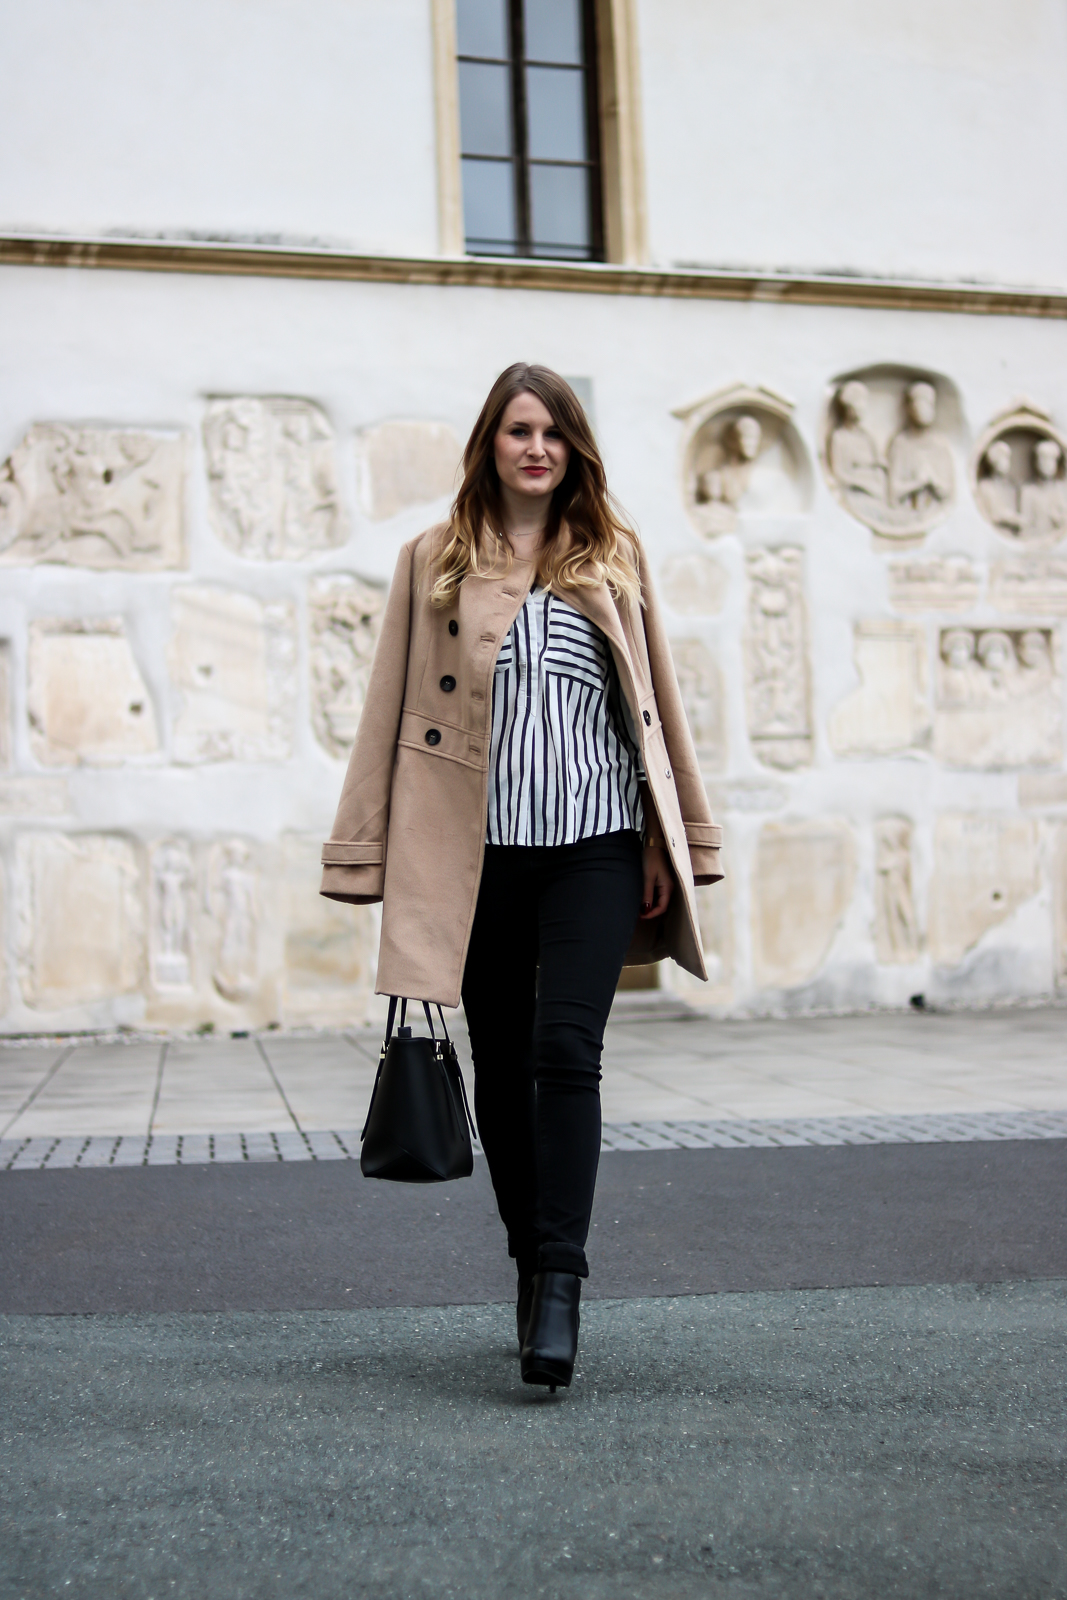 Der Camel Coat - Zeitlose Modeklassiker - Camel Coat kombinieren - Mantel Kombination - Kamelhaarmantel richtig kombinieren - ein Kleidungsstück das jede Frau besitzen sollte - Outfit Kombination für den Herbst - Outfit Kombination für den Winter - Mode Tipps - Mäntel kombinieren - Beiger Mantel - Guess Tasche - Outfit Kombination mit Jeans uns Streifenbluse - Fashionladyloves by Tamara Wagner - Fashion Blog - Mode Blog aus Graz Österreich